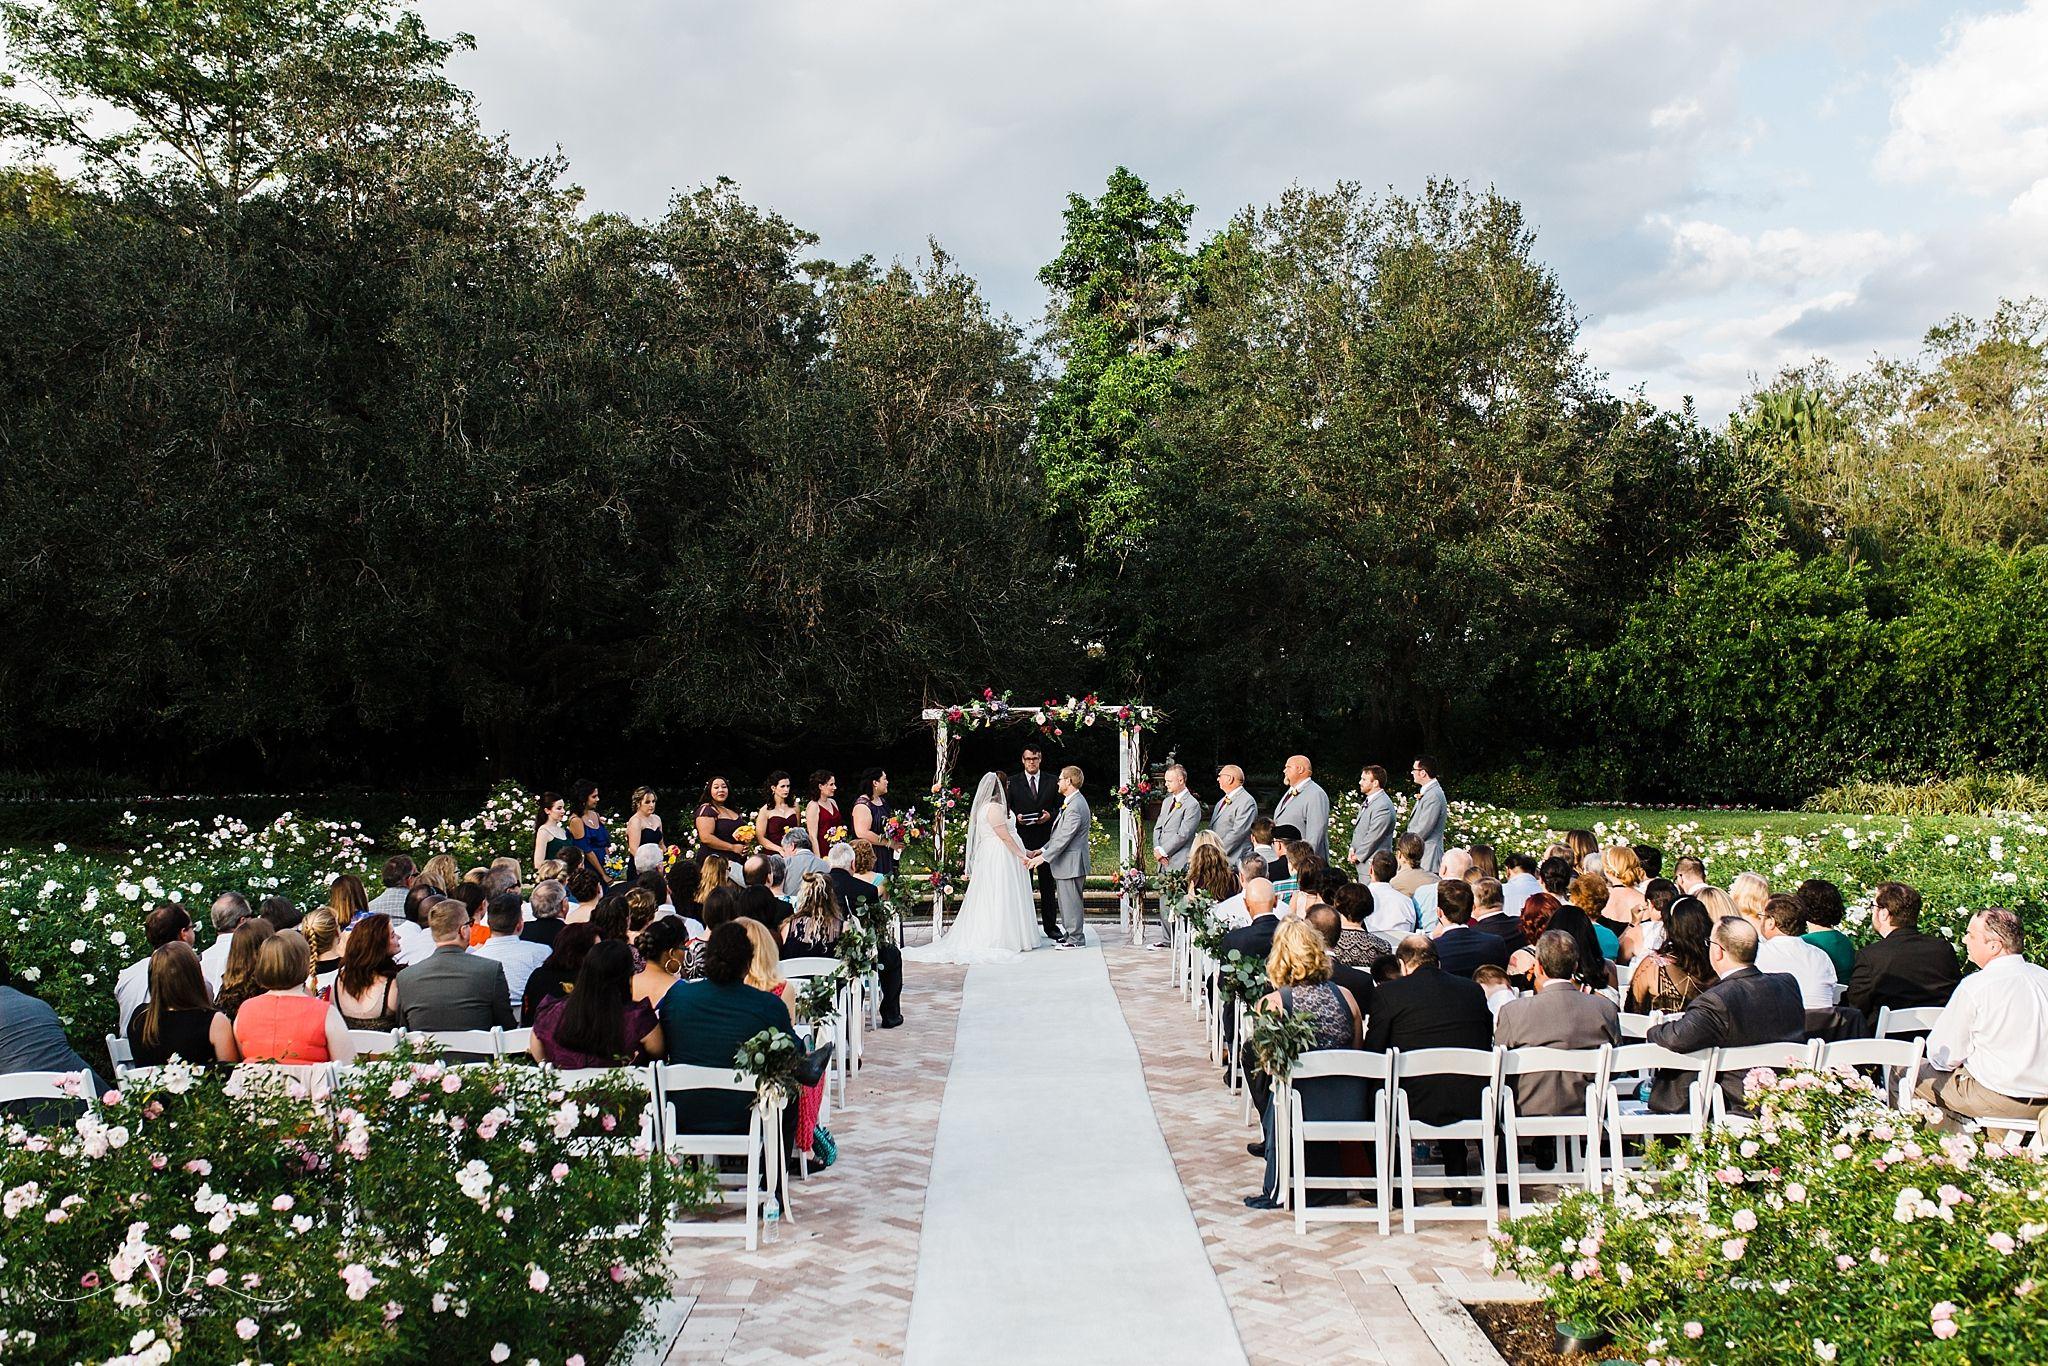 Leu gardens a botanical oasis venue wedding venue